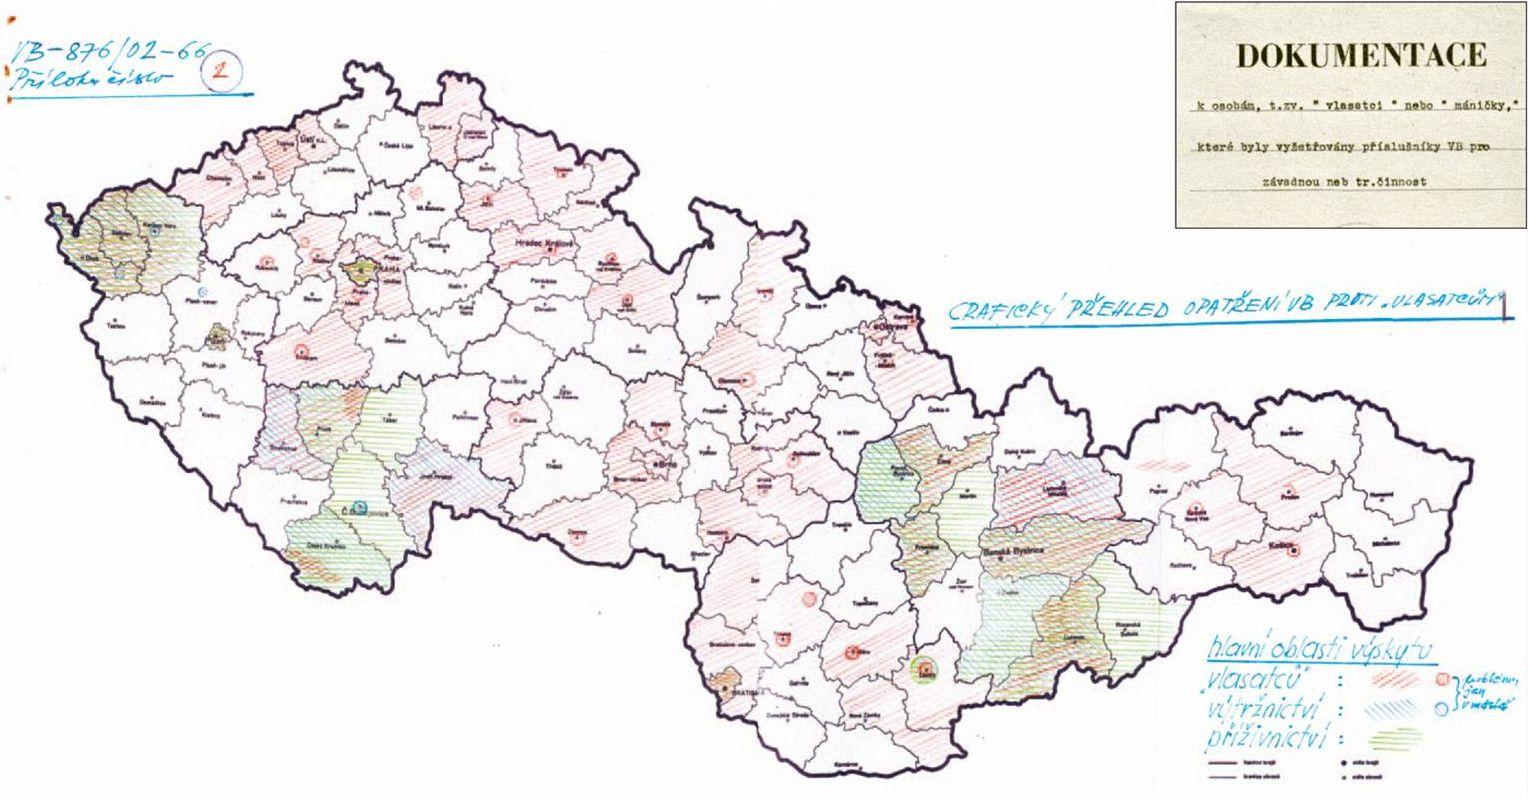 Czechtek 2005: Subkulturní událost roku rozehnaly stovky těžkooděnců slzným plynem a vodními děly